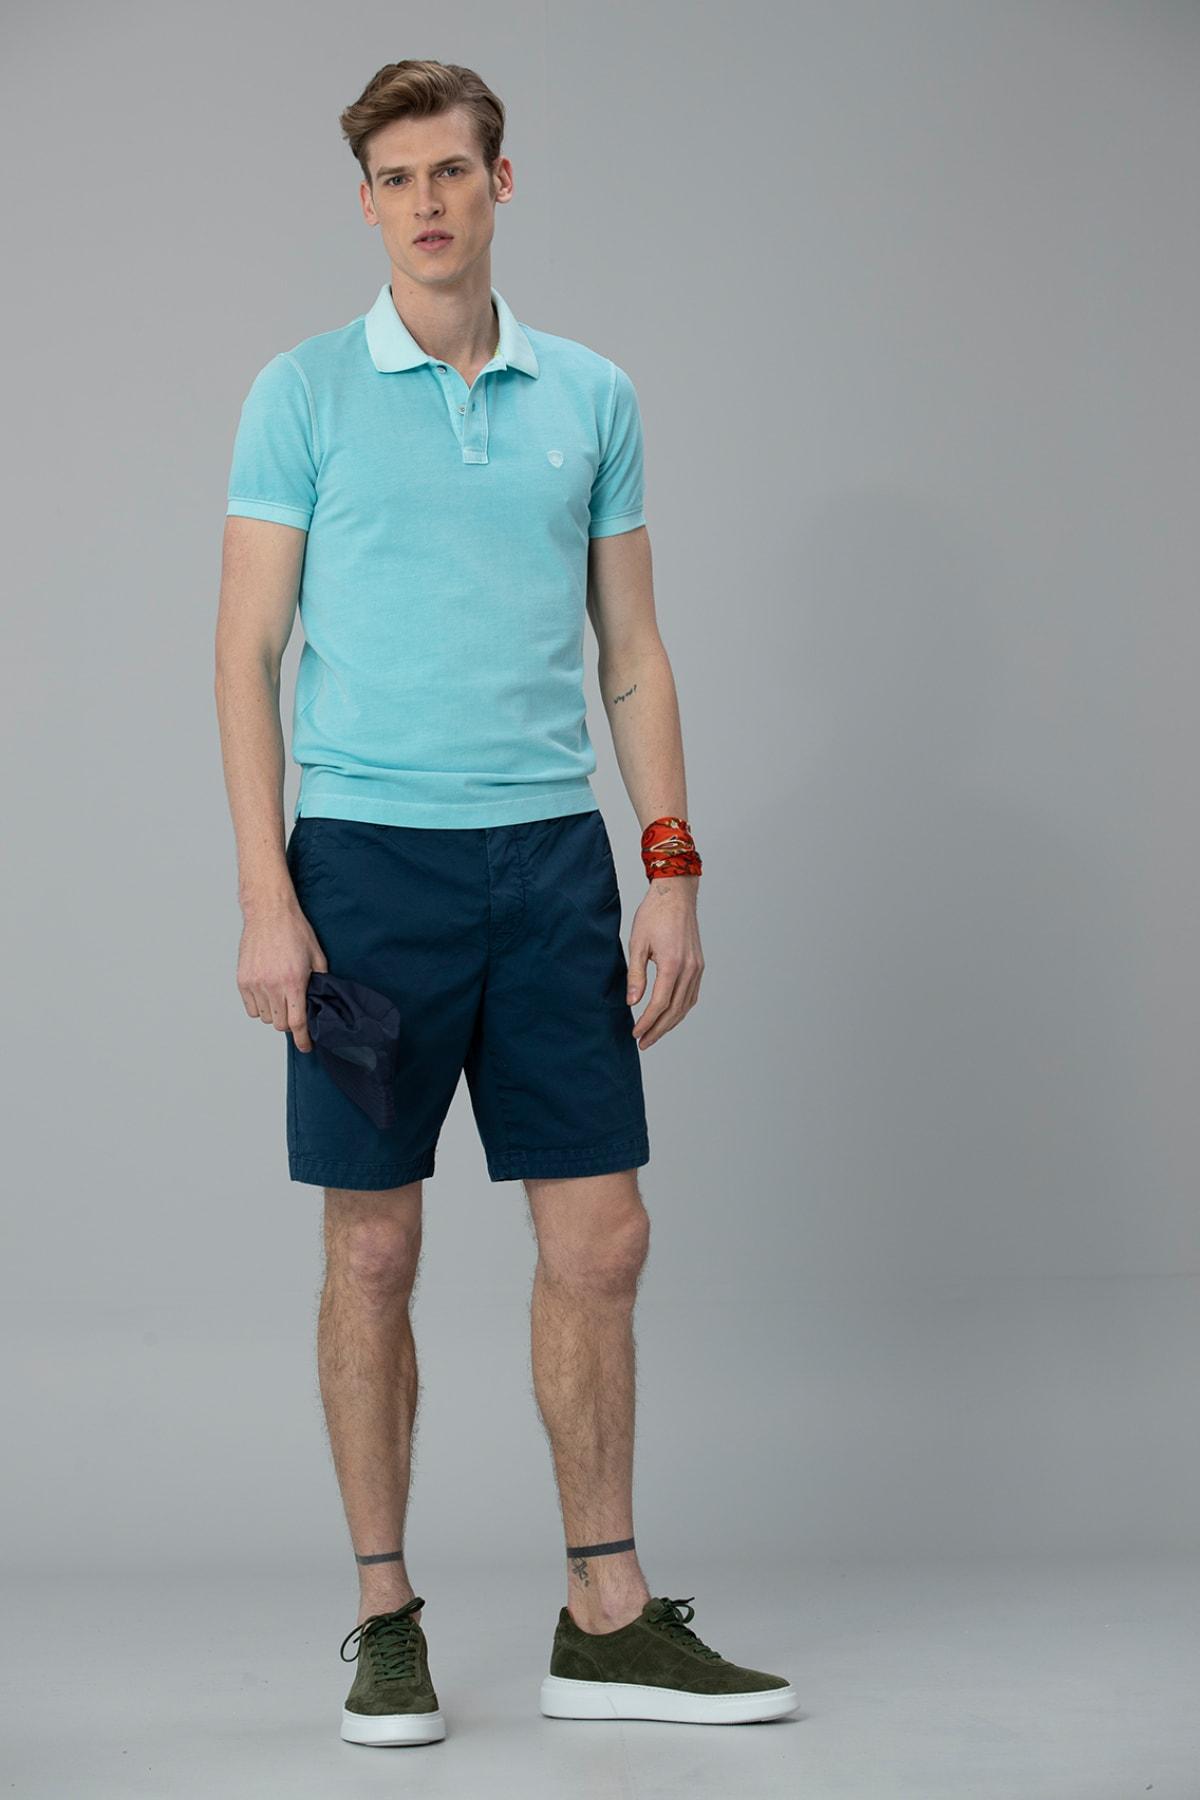 Lufian Vernon Spor Polo T- Shirt Aqua 3